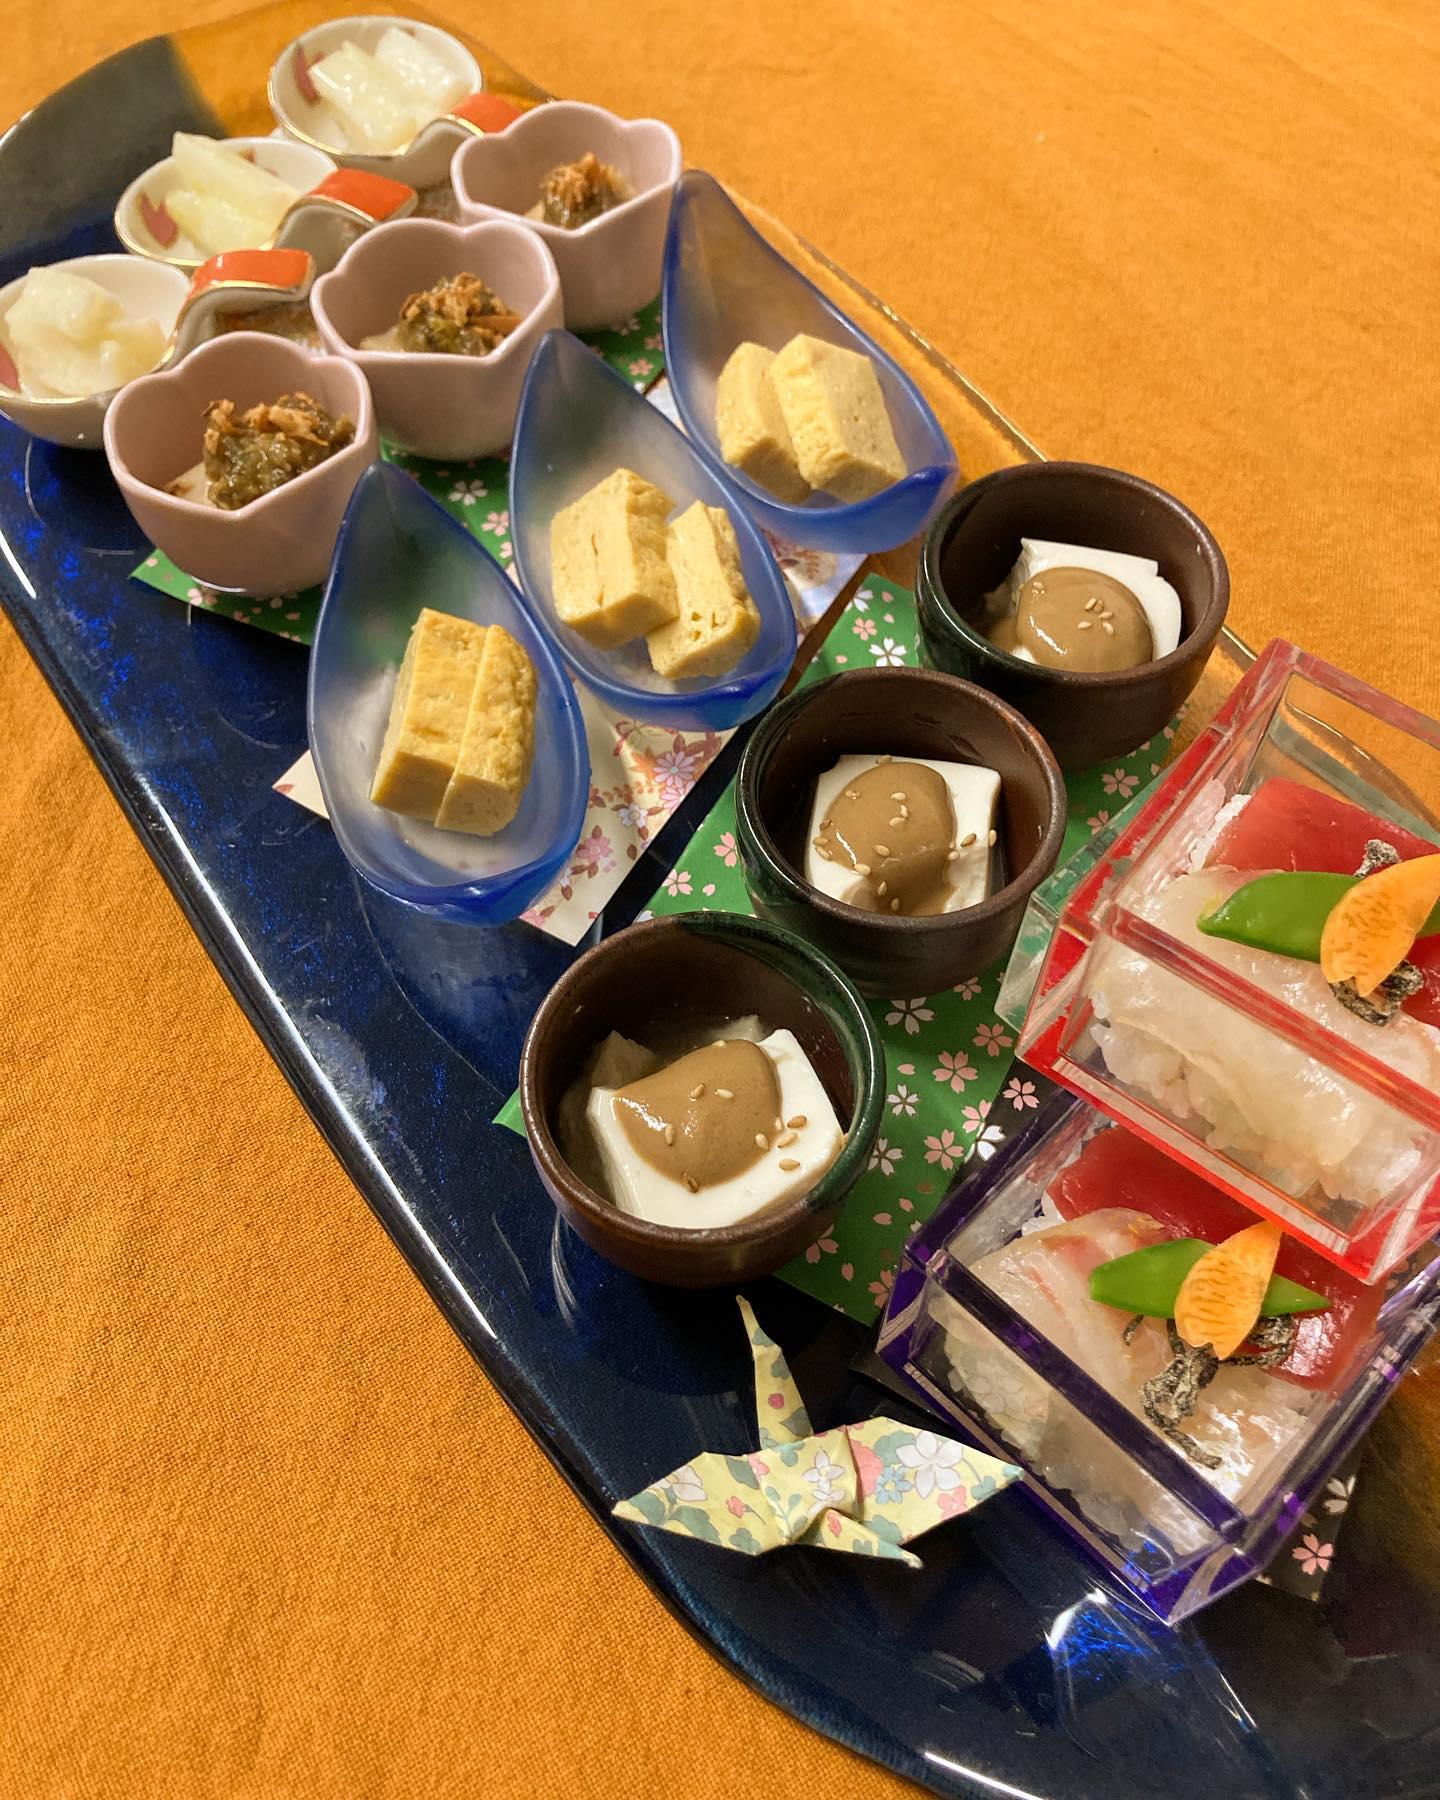 [おはしどころ菜でしこ] 〜昨日のお通し〜   スタンプカードの特典で5点盛り    ・2色のミニちらし寿司  ・自家製豆腐のゴマ酢かけ  ・甘焼たまご  ・たけのこのふき味噌和え  ・セロリ塩麹漬け    ひな祭り用ちらし寿司の  試作を兼ねて作った  食材を使って     【埼玉県本庄駅徒歩30秒】 【月曜日定休】 【17:00〜20:00】 【17:00前のご来店は予約のみで可】 【お昼の和食コース有り🥢】 【インスタのメッセージ問合せ】    #本庄 #本庄和食 #本庄居酒屋 #ほんじょうテイクアウト #本庄海鮮居酒屋 #本庄一人飲み #本庄グルメ #本庄ディナー #本庄駅ディナー #本庄美味しい店 #本庄PayPay #おはしどころ菜でしこYouTube  #お通し